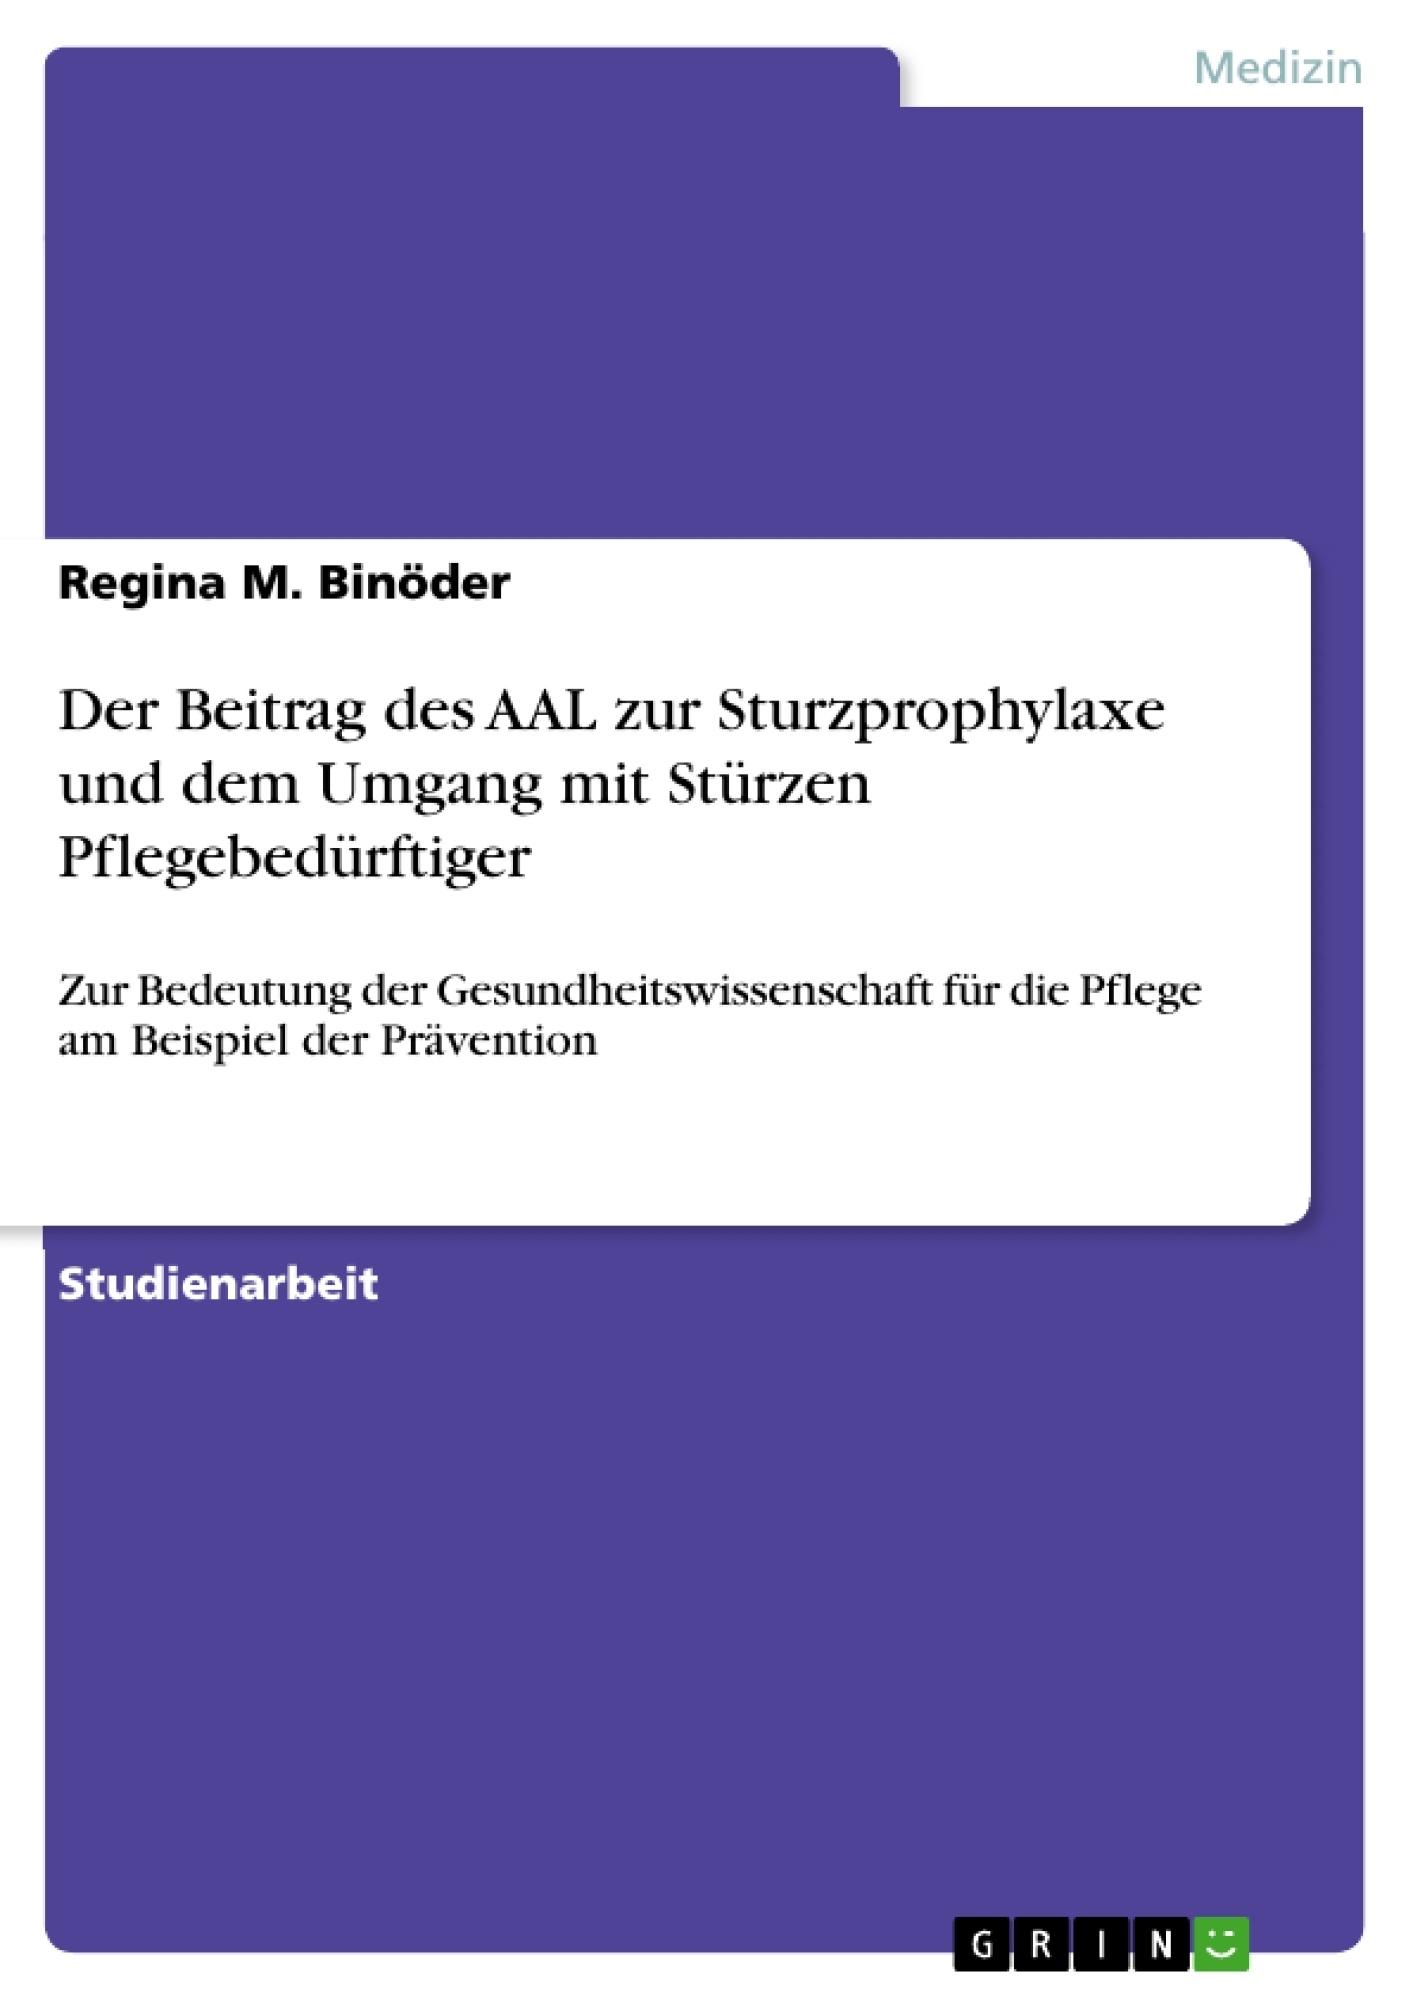 Titel: Der Beitrag des AAL zur Sturzprophylaxe und dem Umgang mit Stürzen Pflegebedürftiger